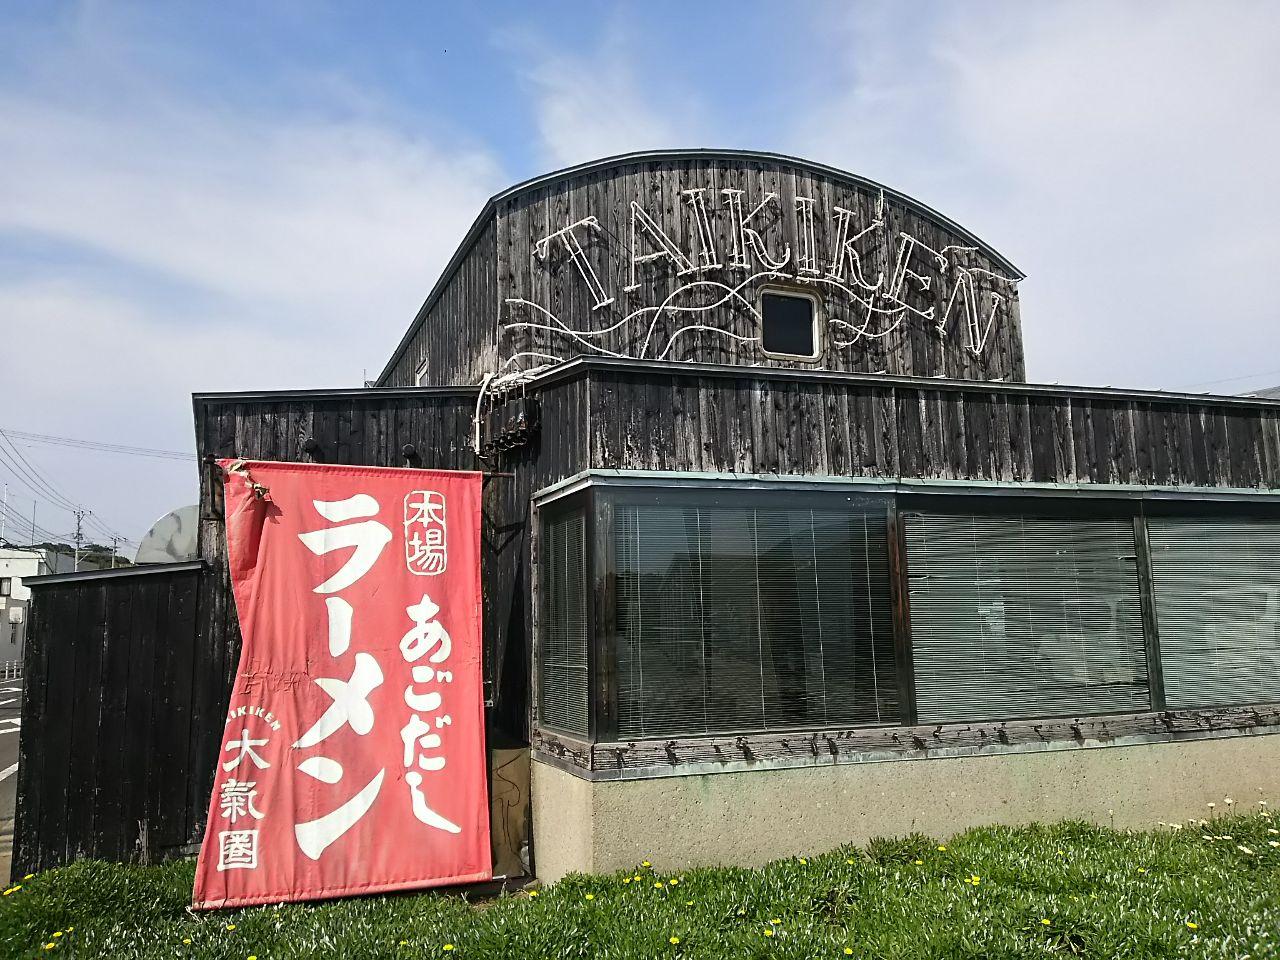 長崎発 オヤジライダー復活祭り 人気店なんだか 知らないけど、おばちゃん接客 なってないな❗